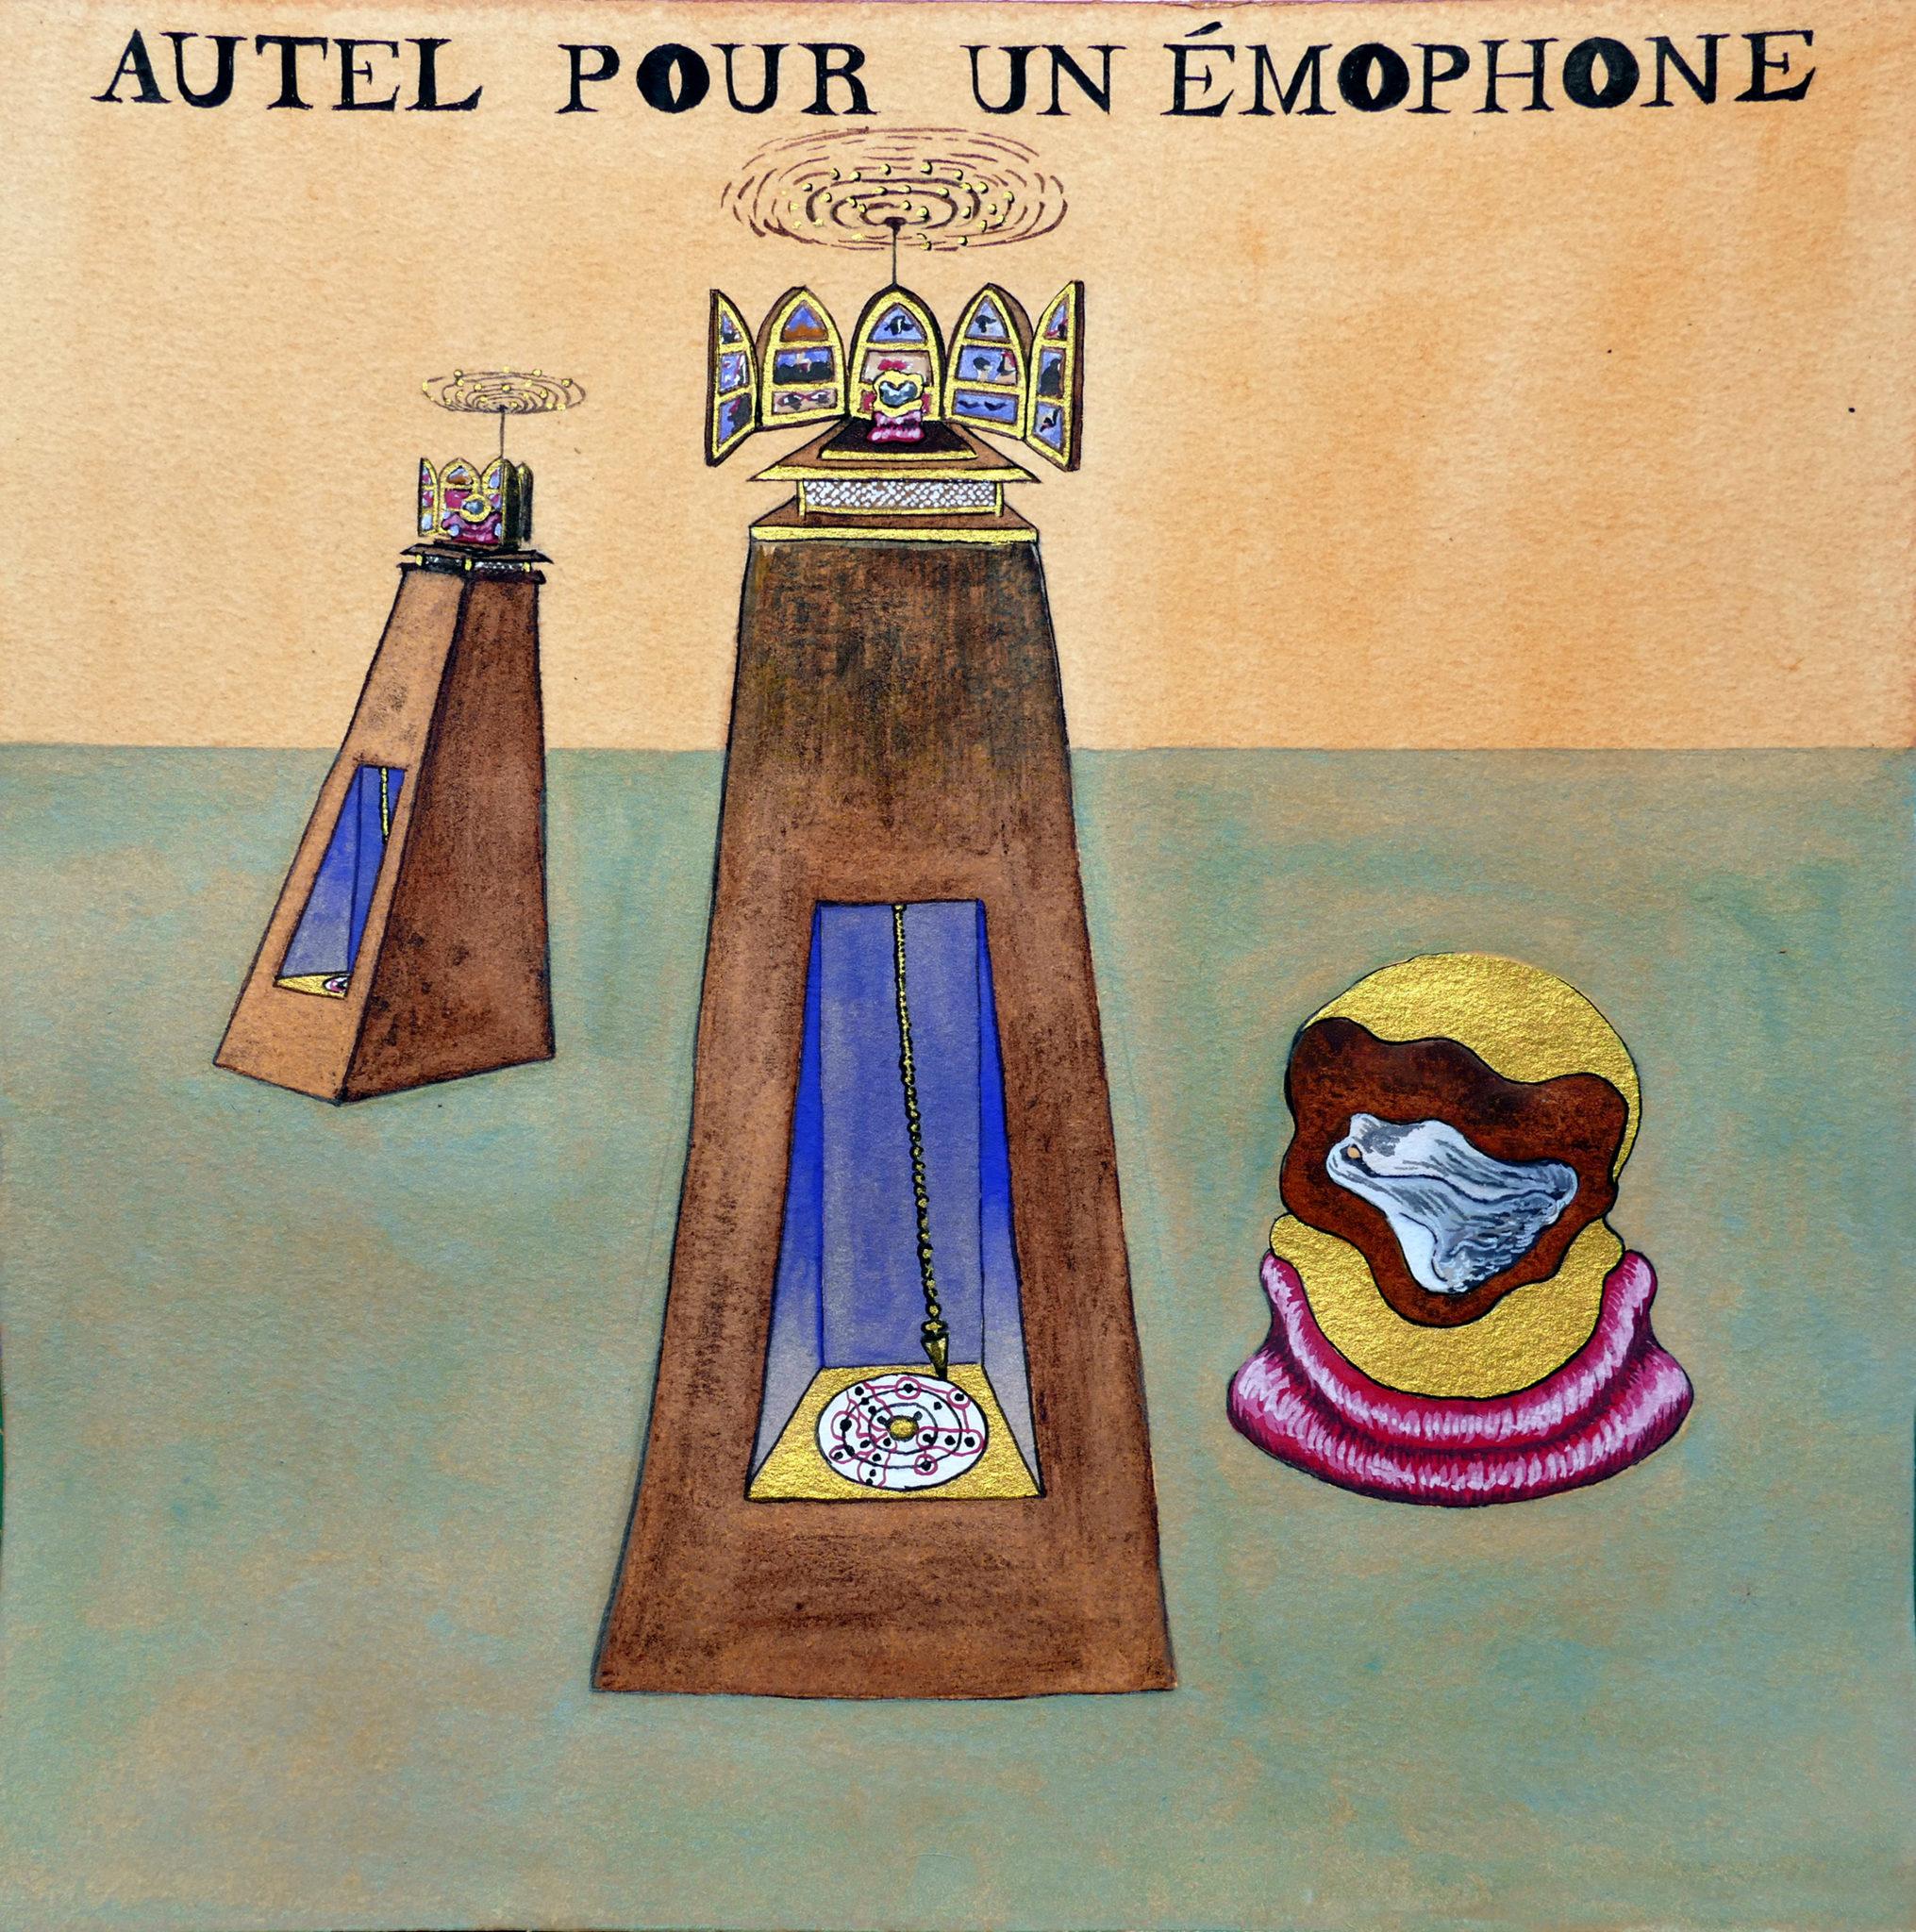 Lucie Picandet, Autel pour un Emophone, 2019_Aquarelle et gouache sur papier, 30 x 30 cm © Galerie Georges-Philippe & Nathalie Vallois